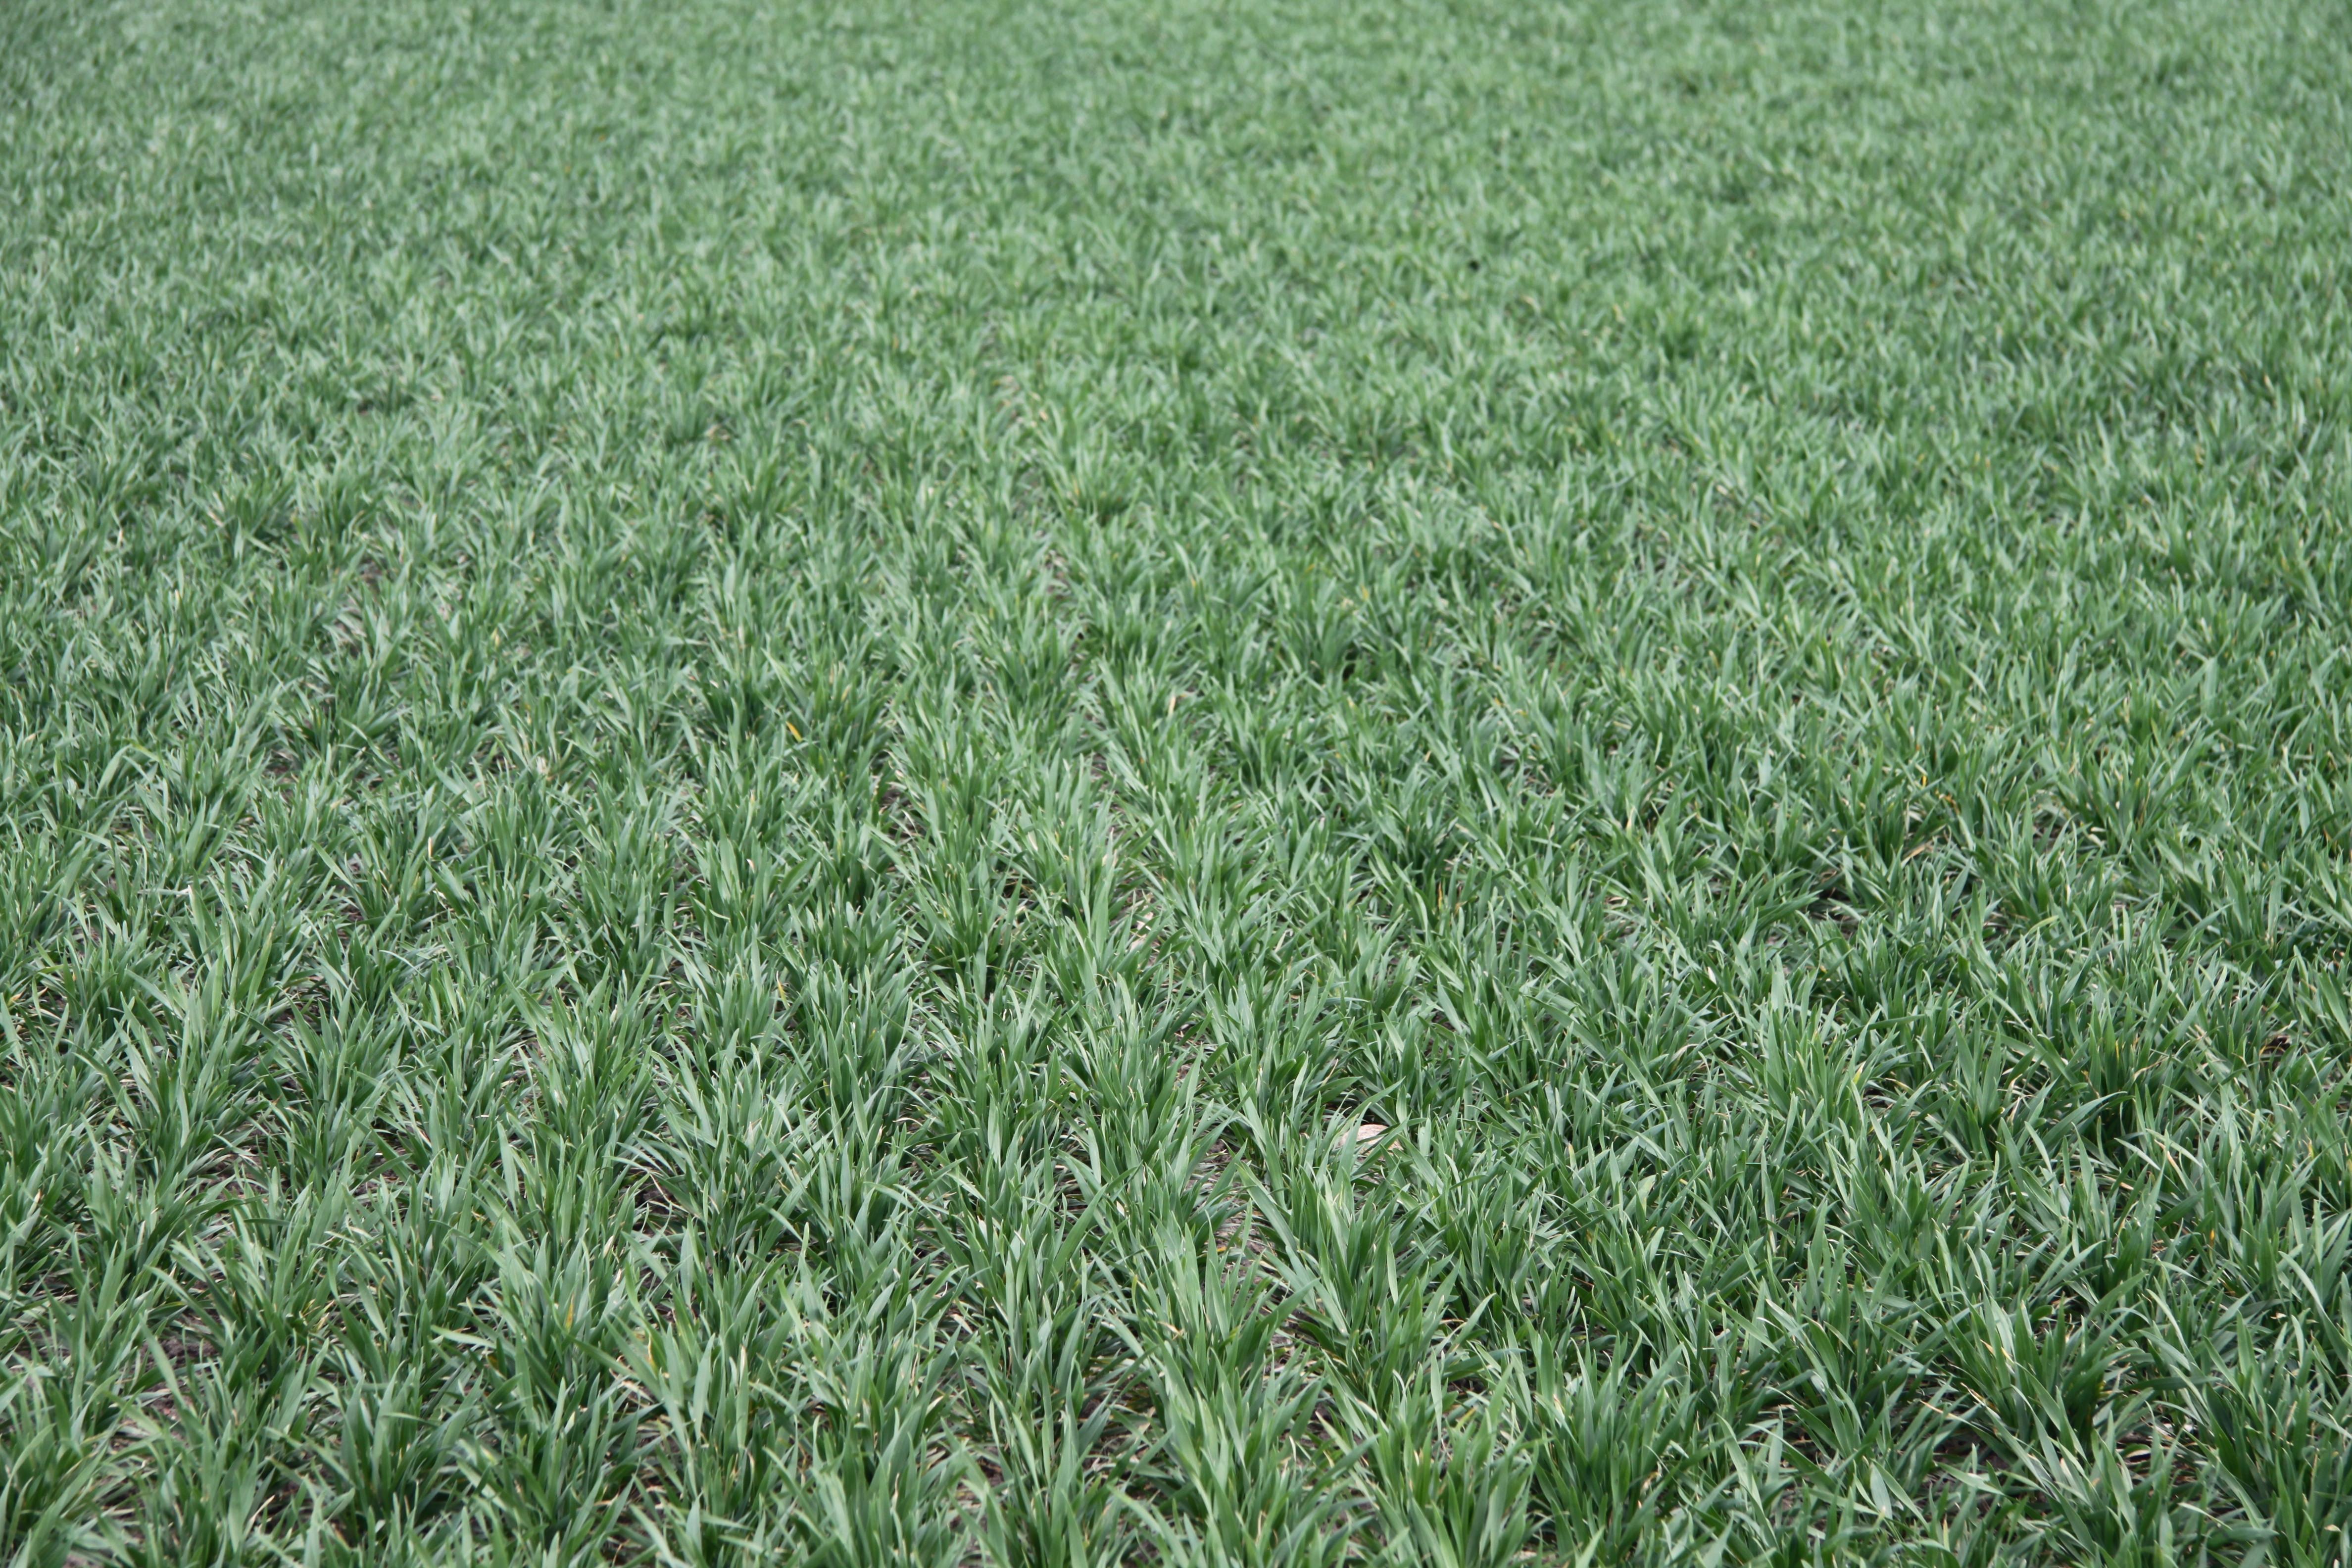 Dolistne odżywianie zbóż